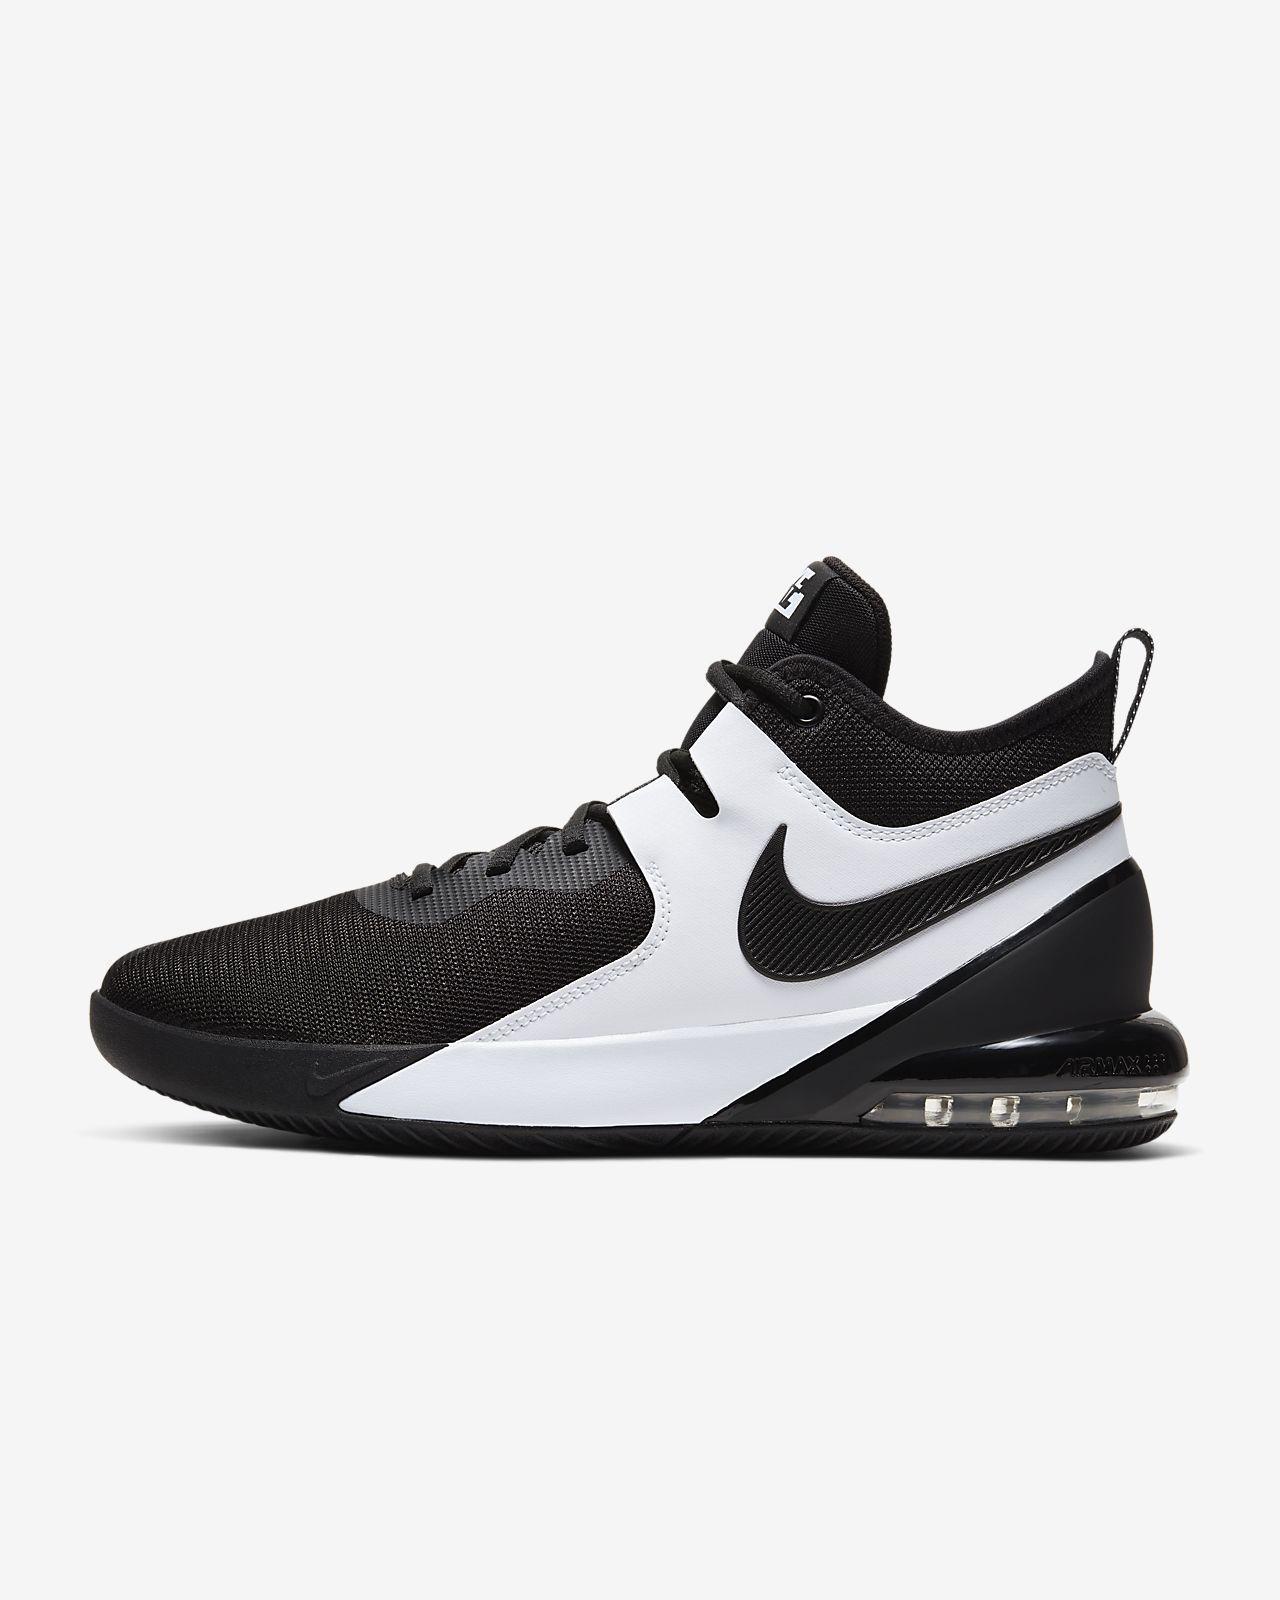 รองเท้าบาสเก็ตบอล Nike Air Max Impact